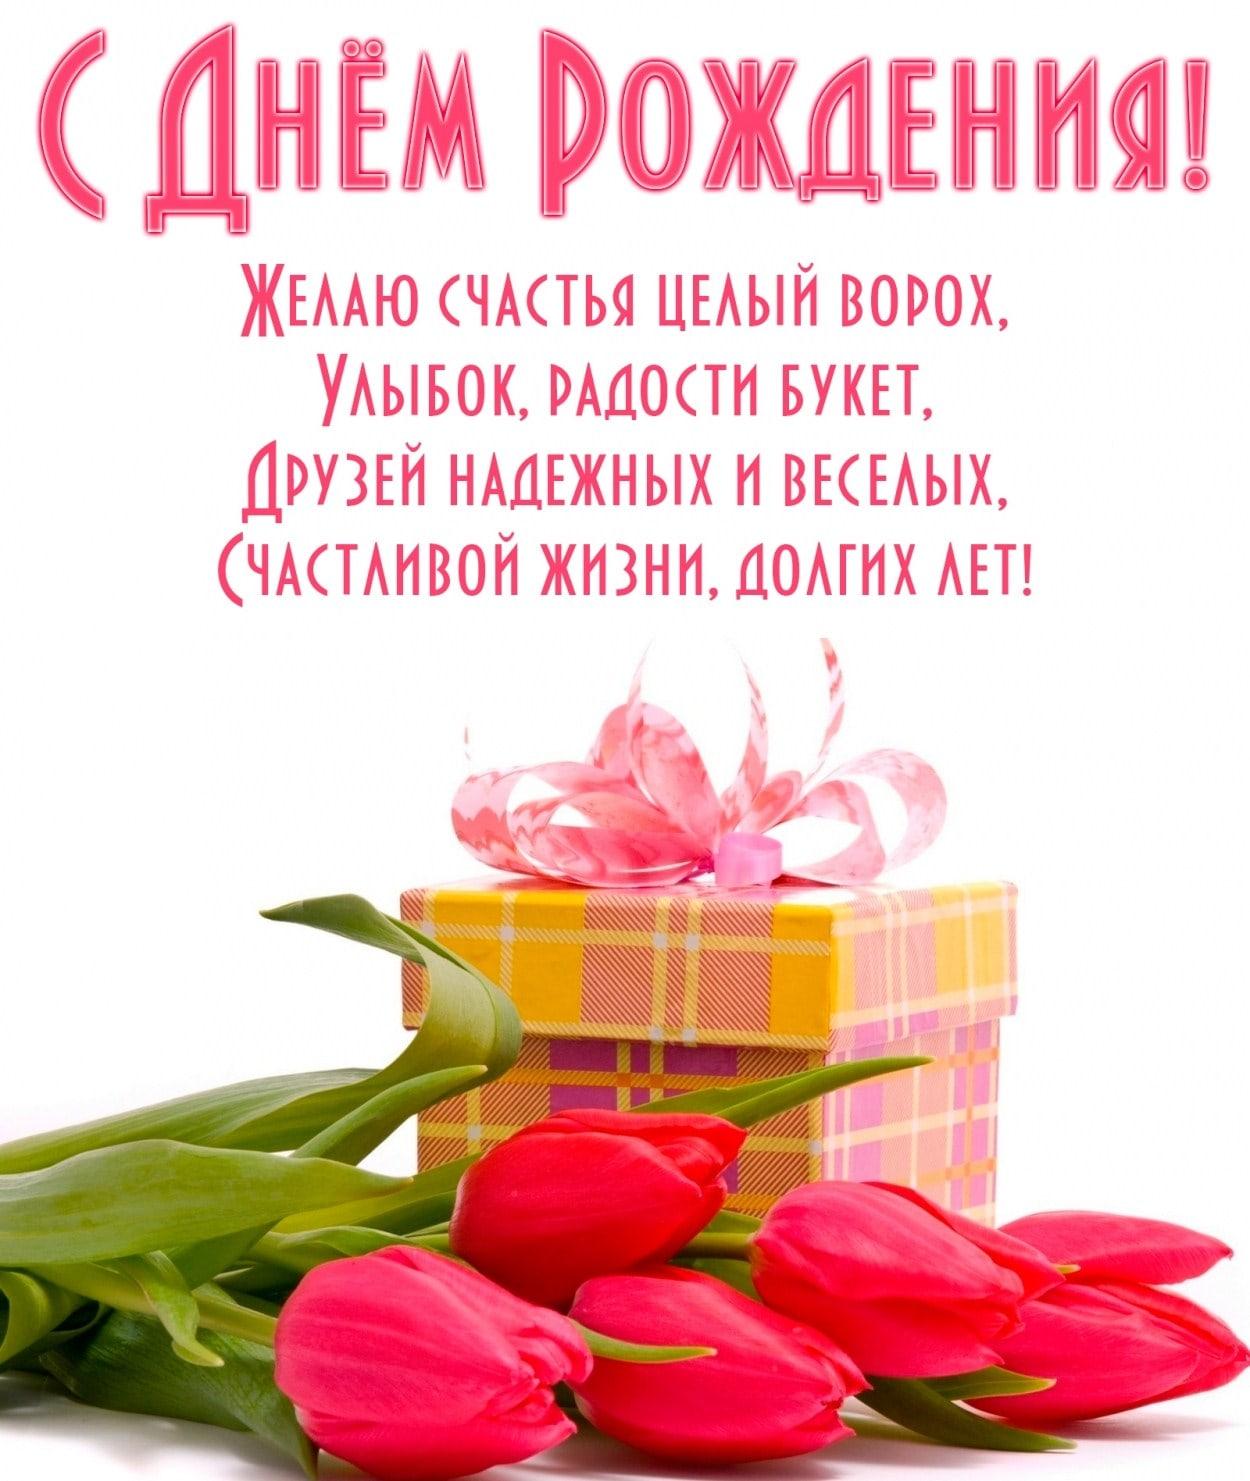 Поздравления с днем рождения на открытку написать